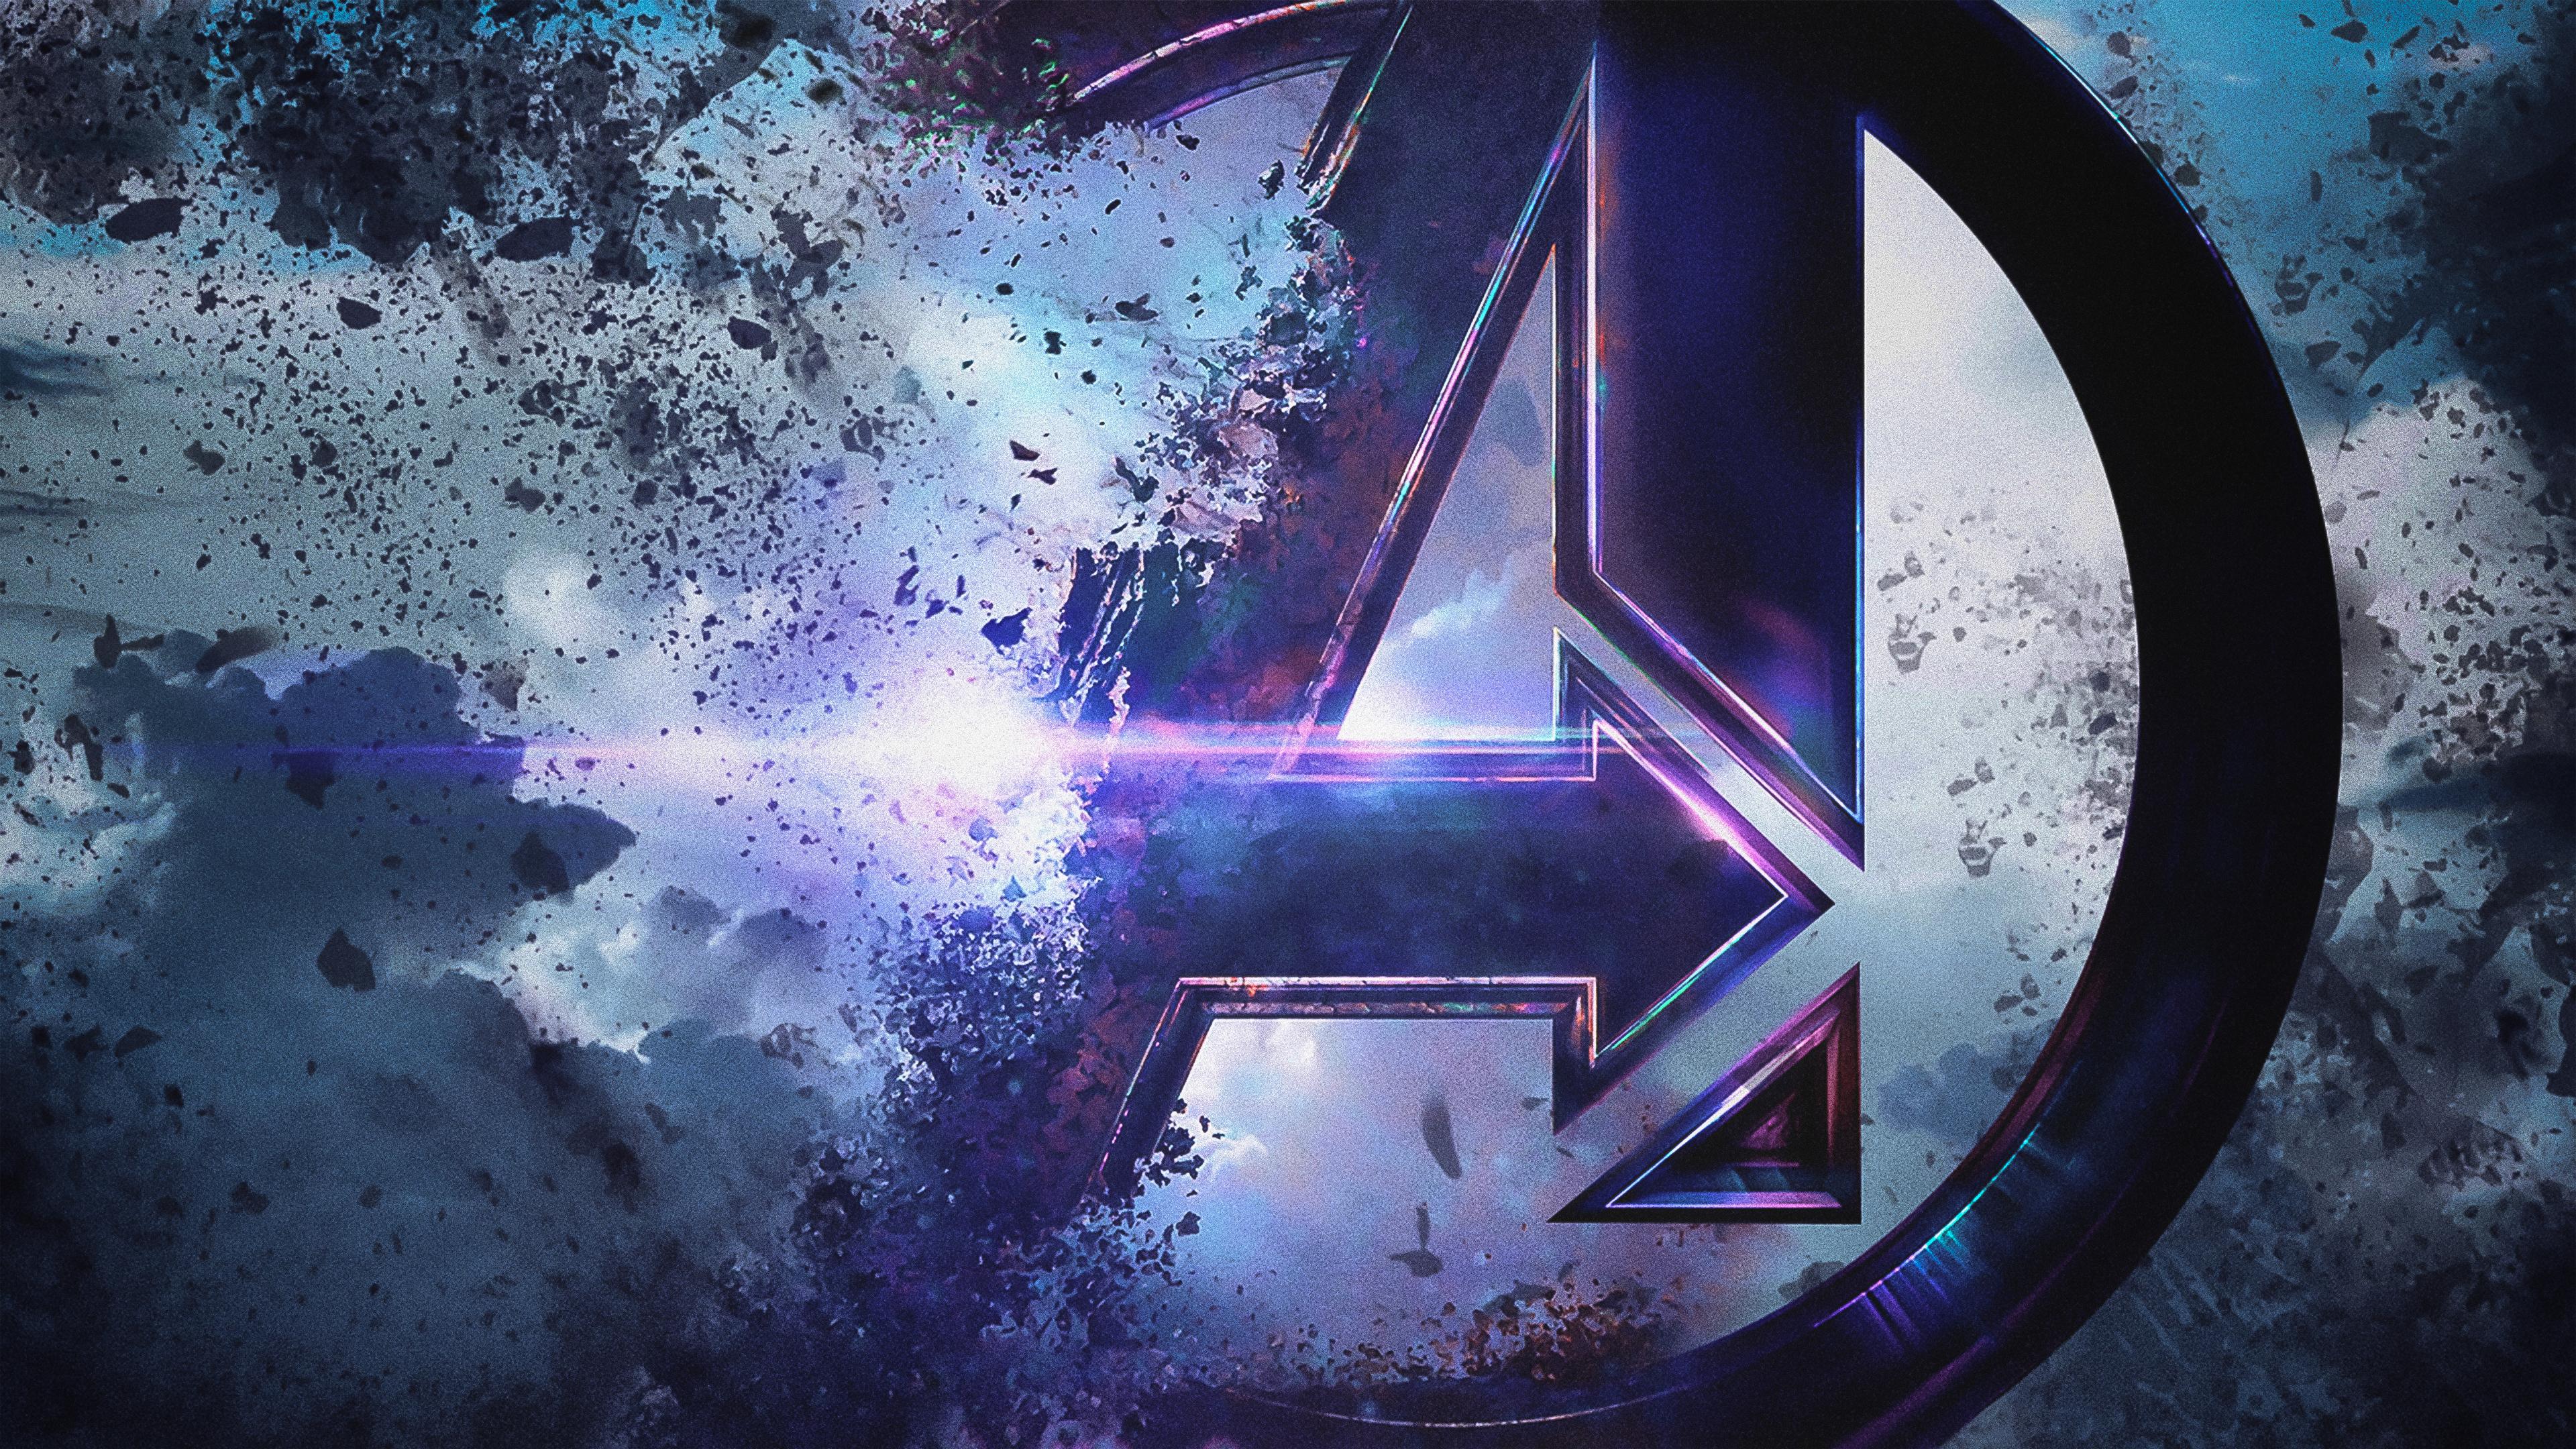 4k avengers endgame 1555208797 - 4k Avengers Endgame - movies wallpapers, logo wallpapers, hd-wallpapers, avengers endgame wallpapers, 4k-wallpapers, 2019 movies wallpapers